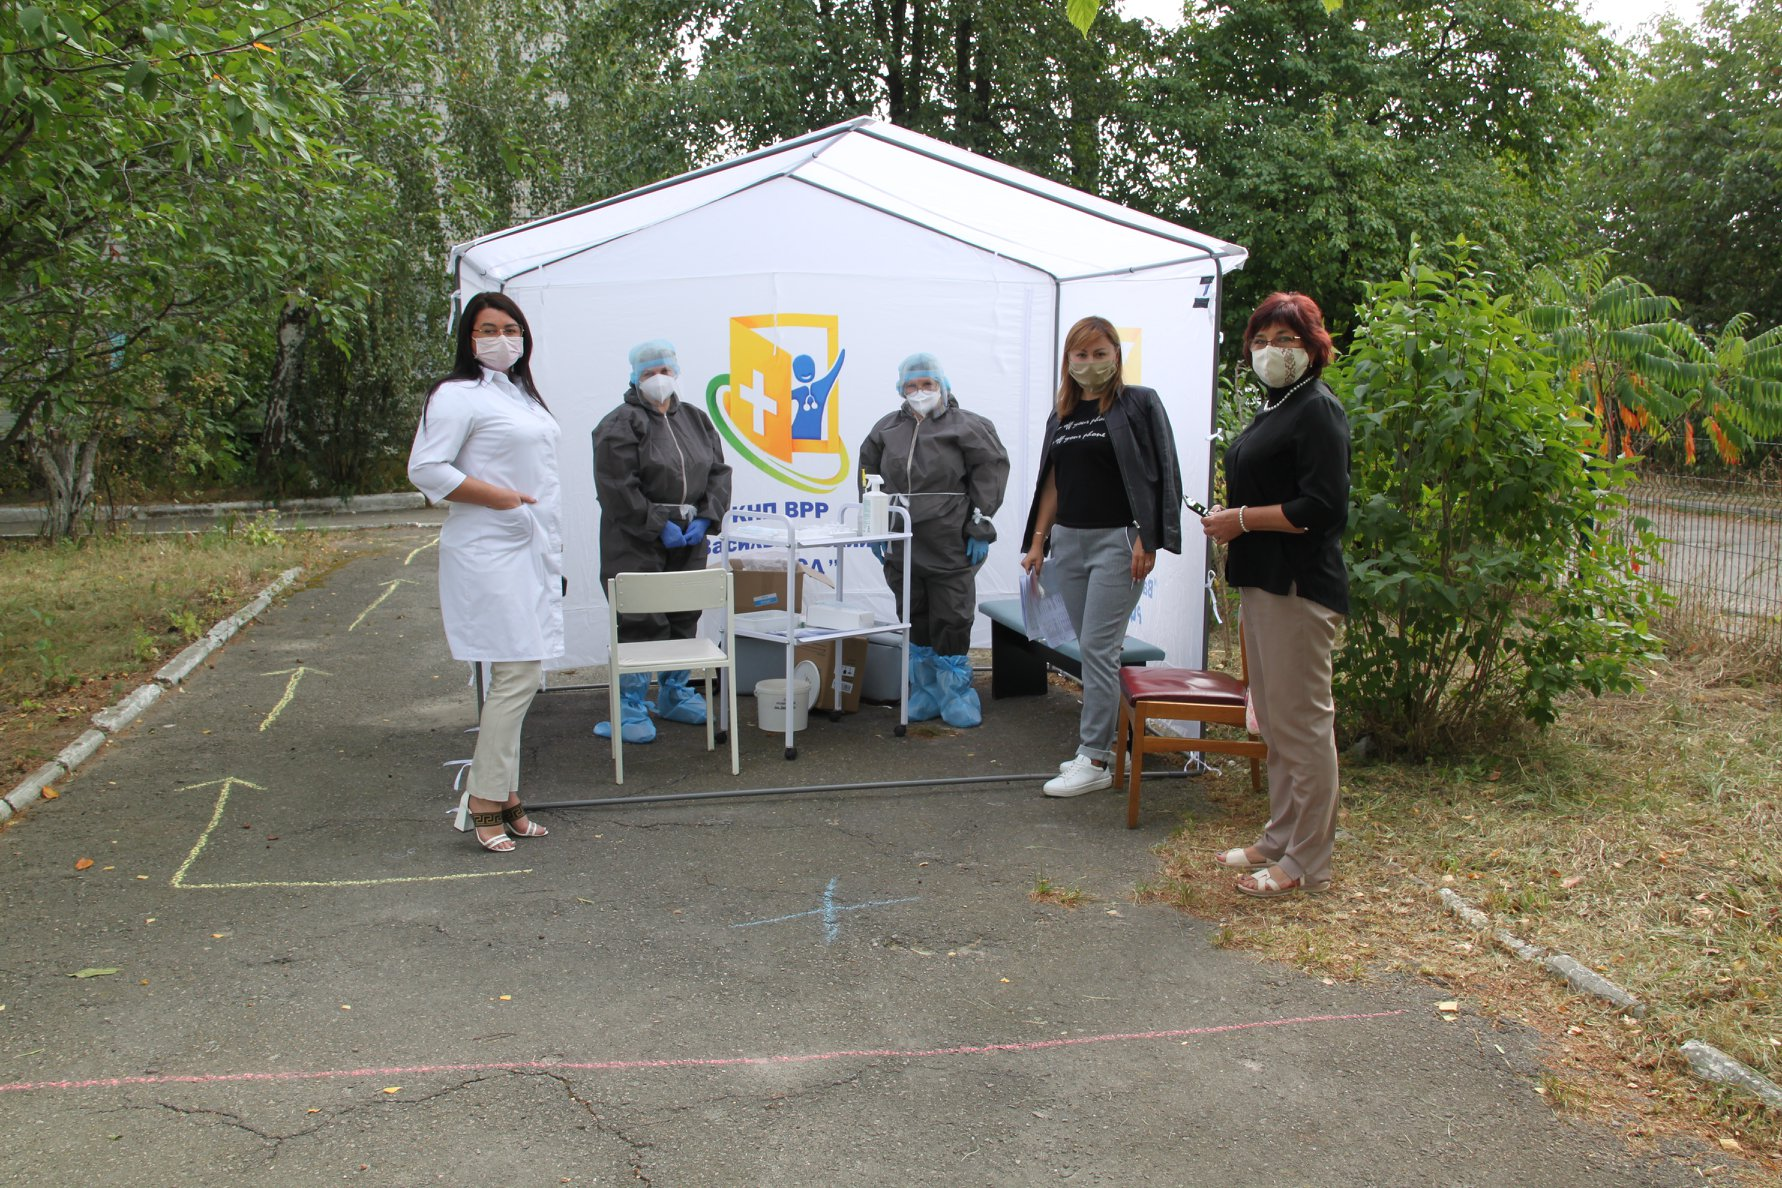 У Василькові відкрився мобільний пункт для ПЛР-тестування на COVID-19 - коронавірус - 119588634 2969160693188677 8202044313862921557 o